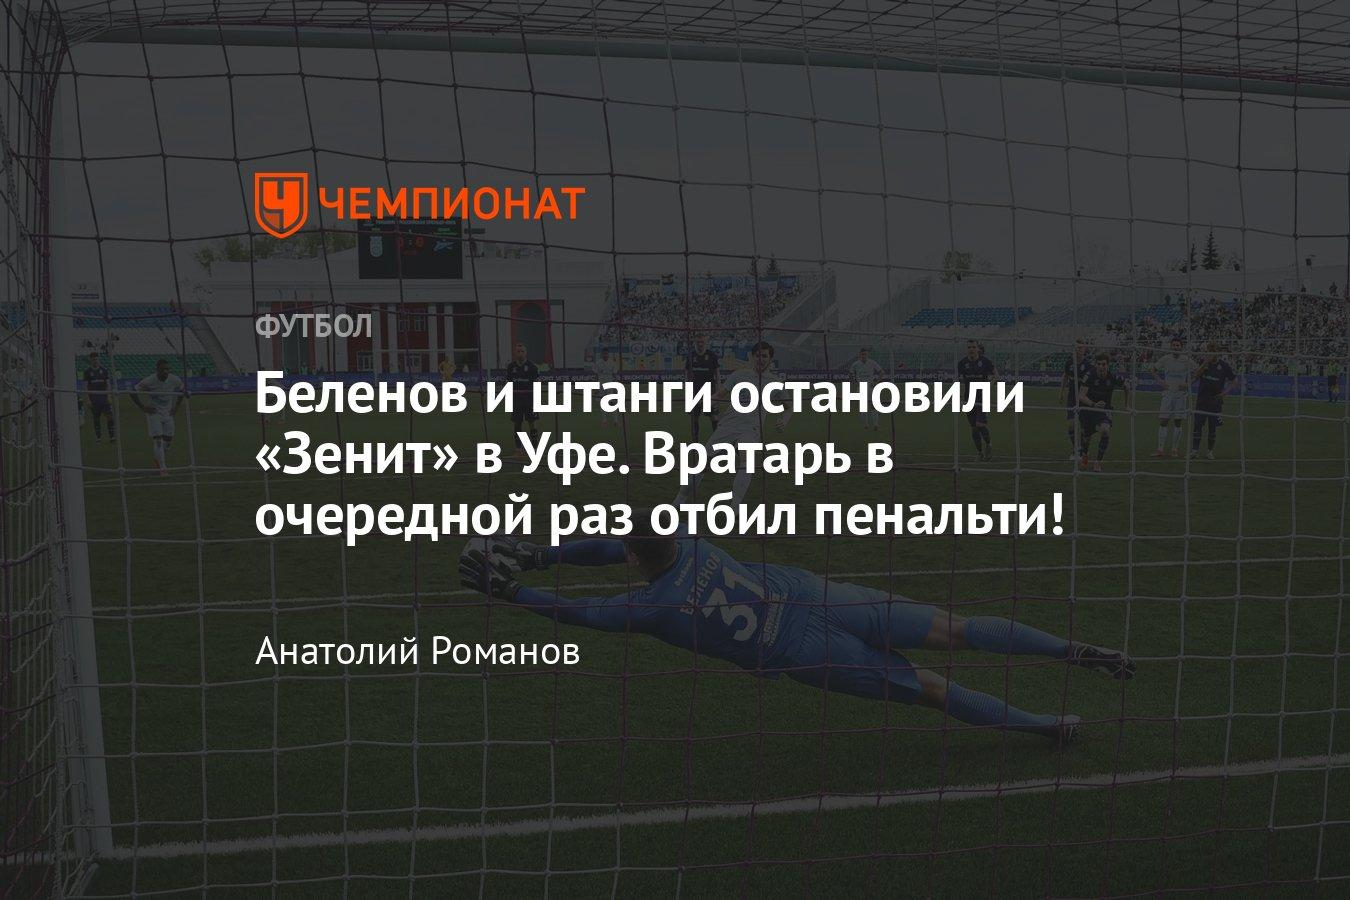 Беленов и штанги остановили «Зенит» в Уфе. Вратарь в очередной раз отб